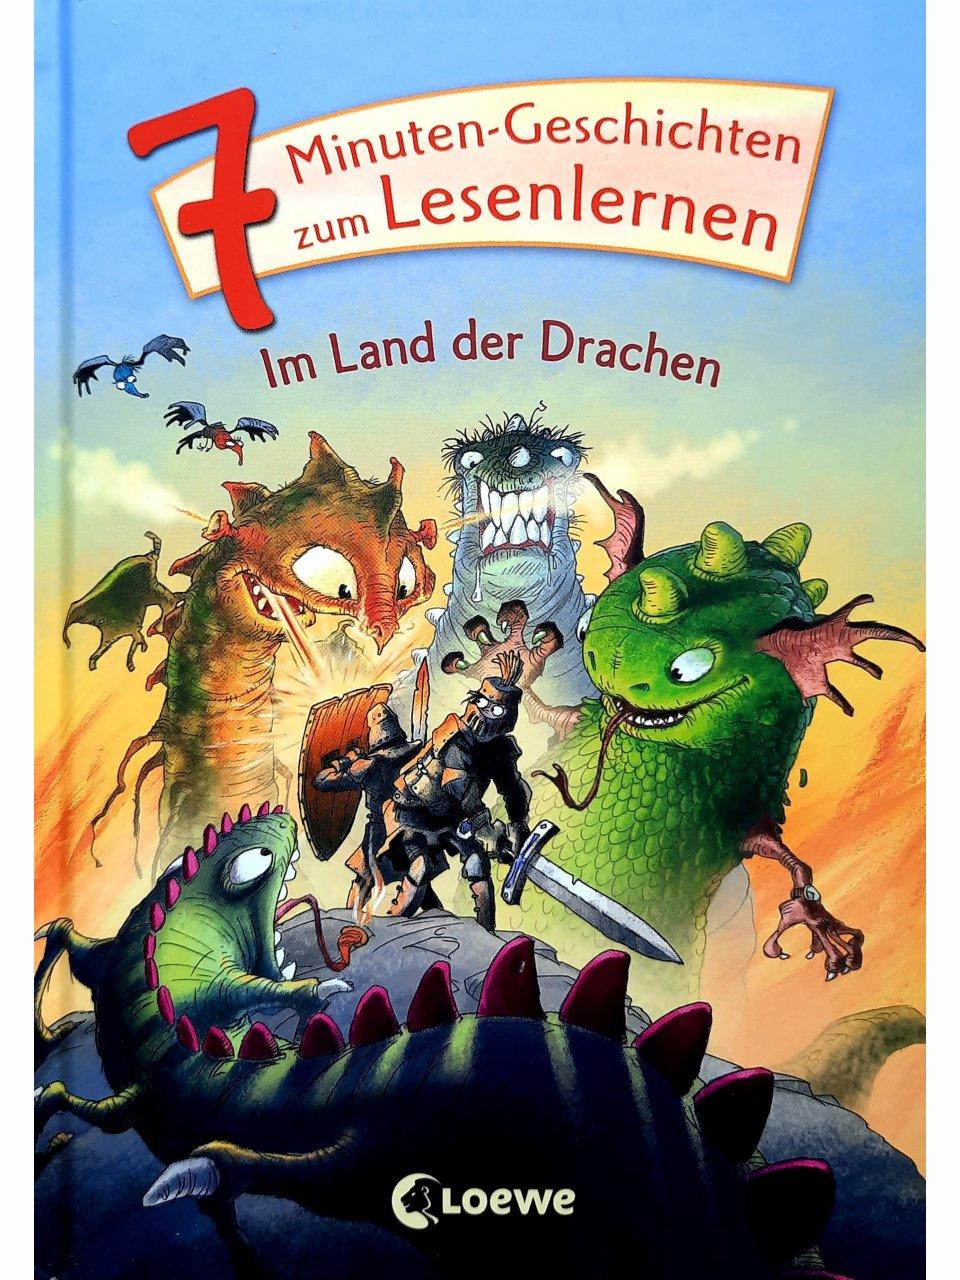 7-Minuten-Geschichten zum Lesenlernen - Im Land der Drachen